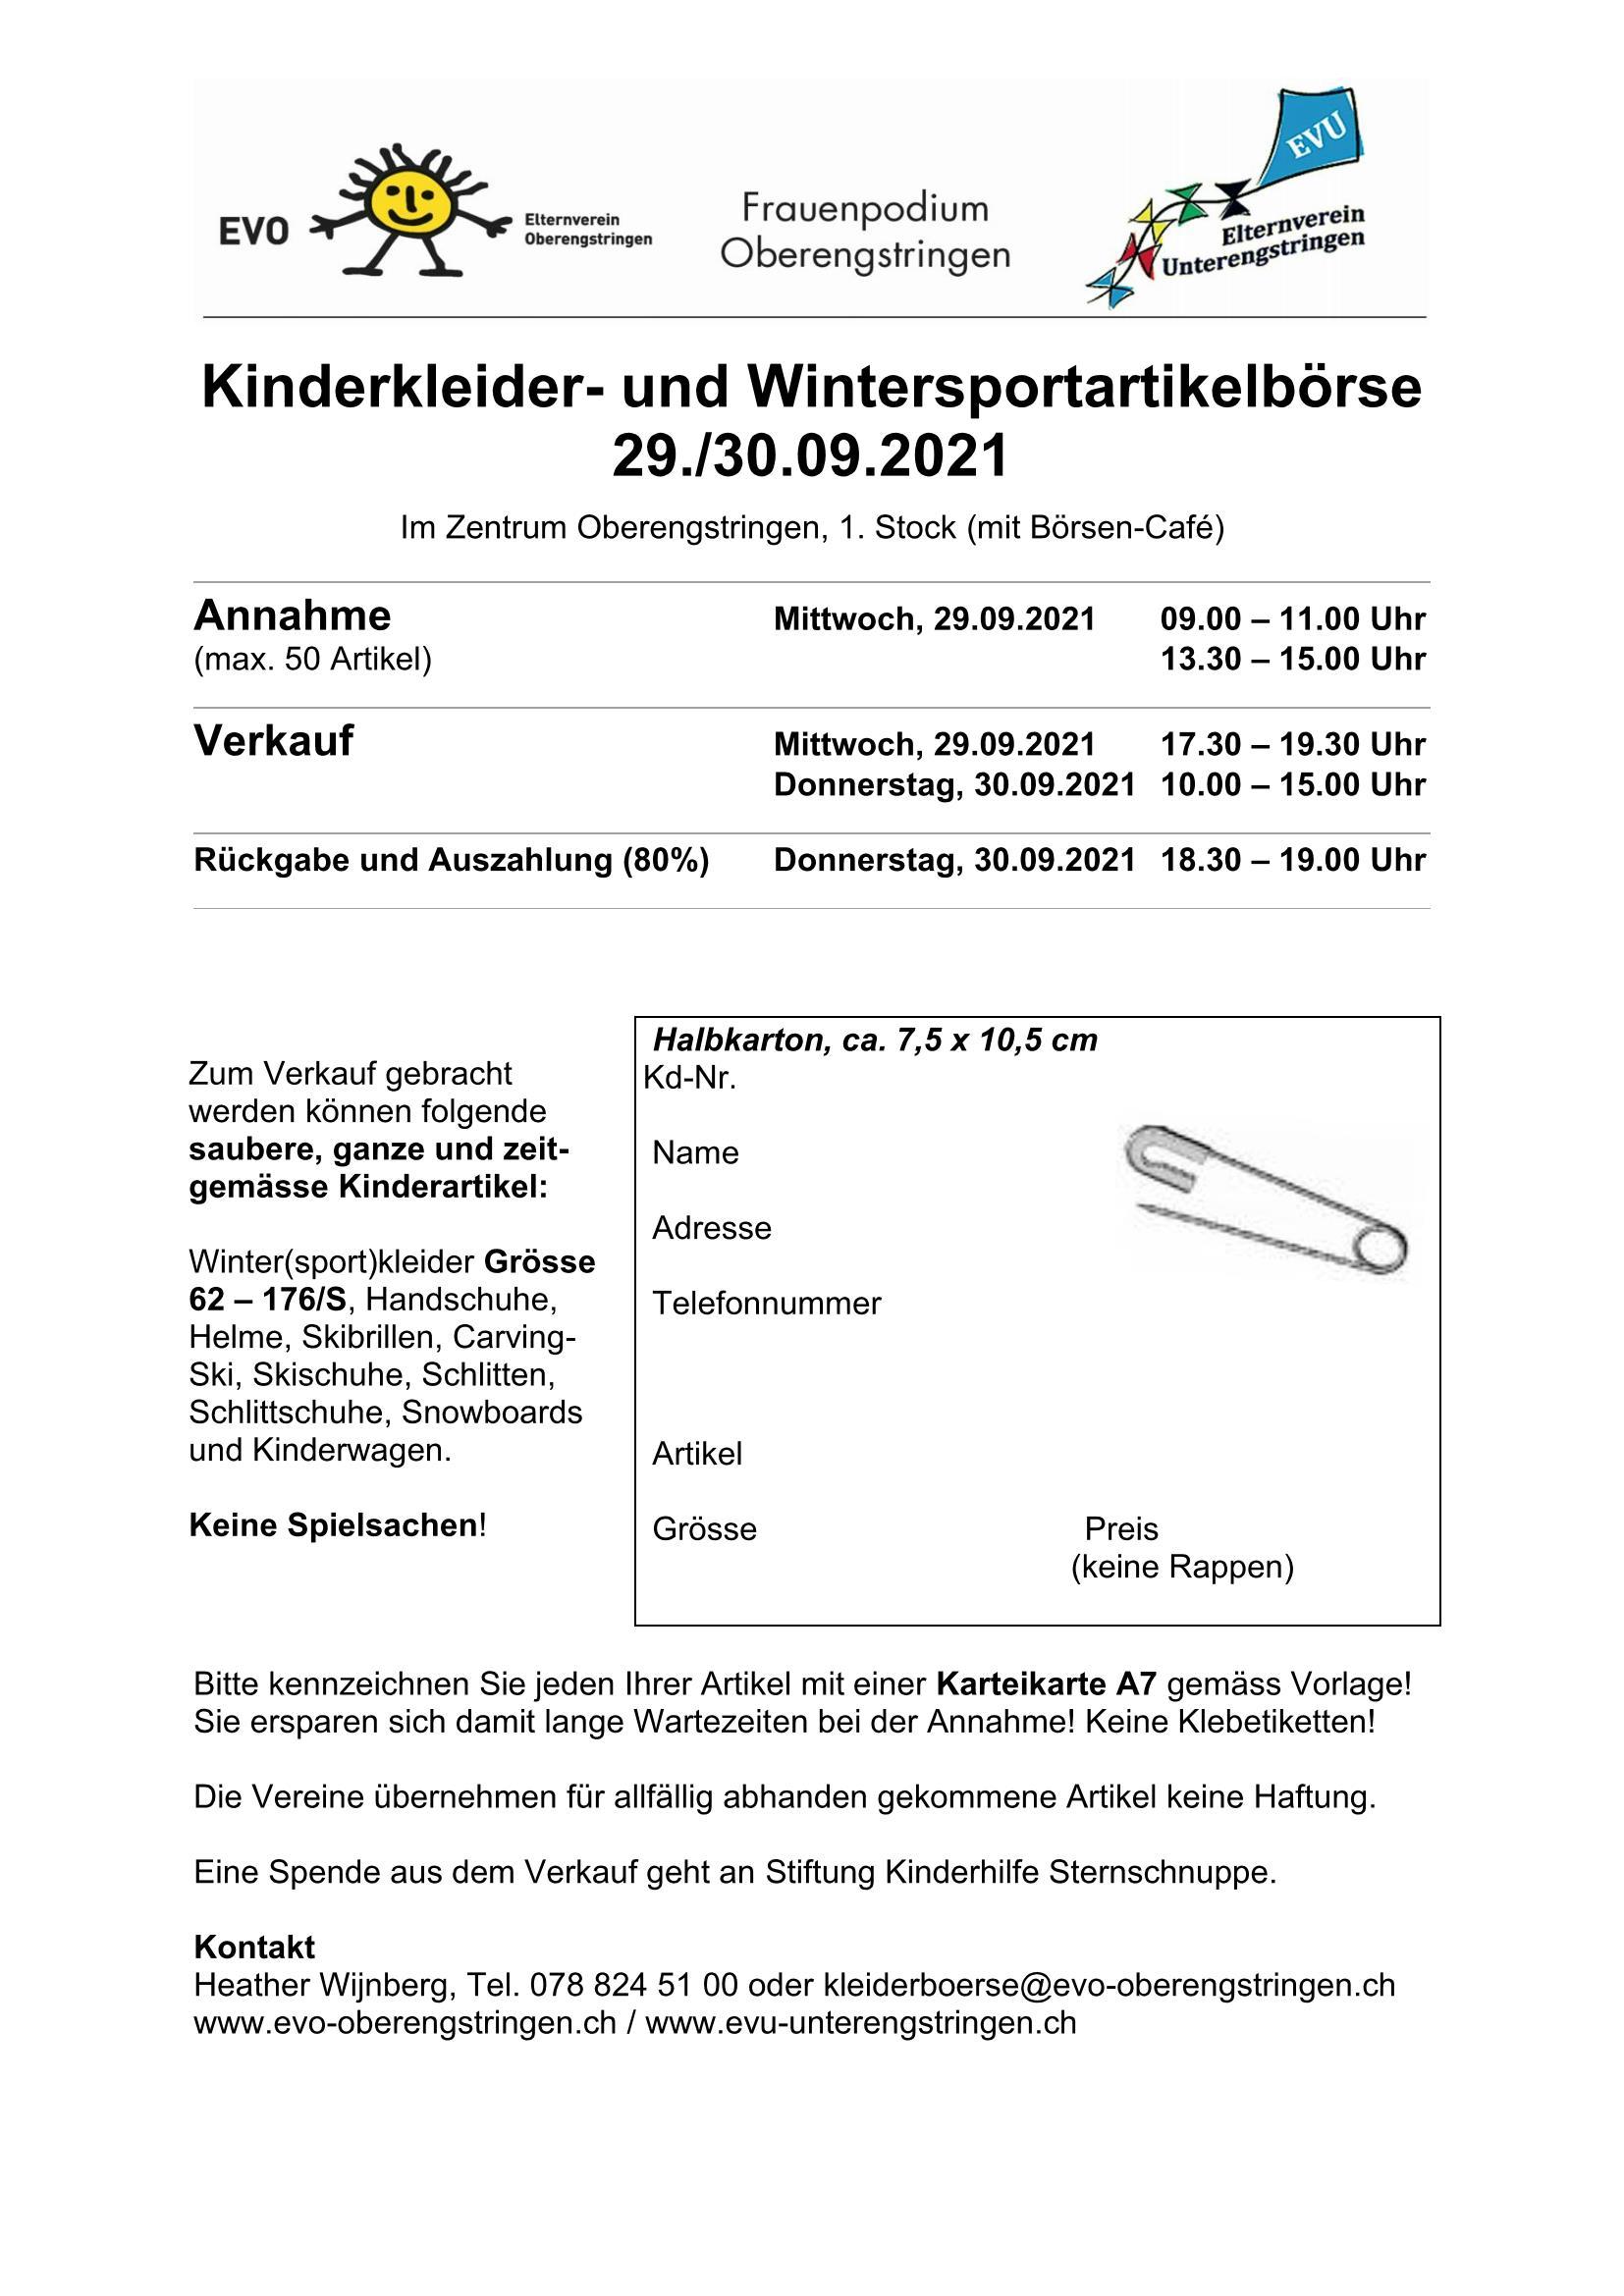 Kinderkleider- und Wintersportbörse @ Zentrum Oberengstringen, oberer Stock